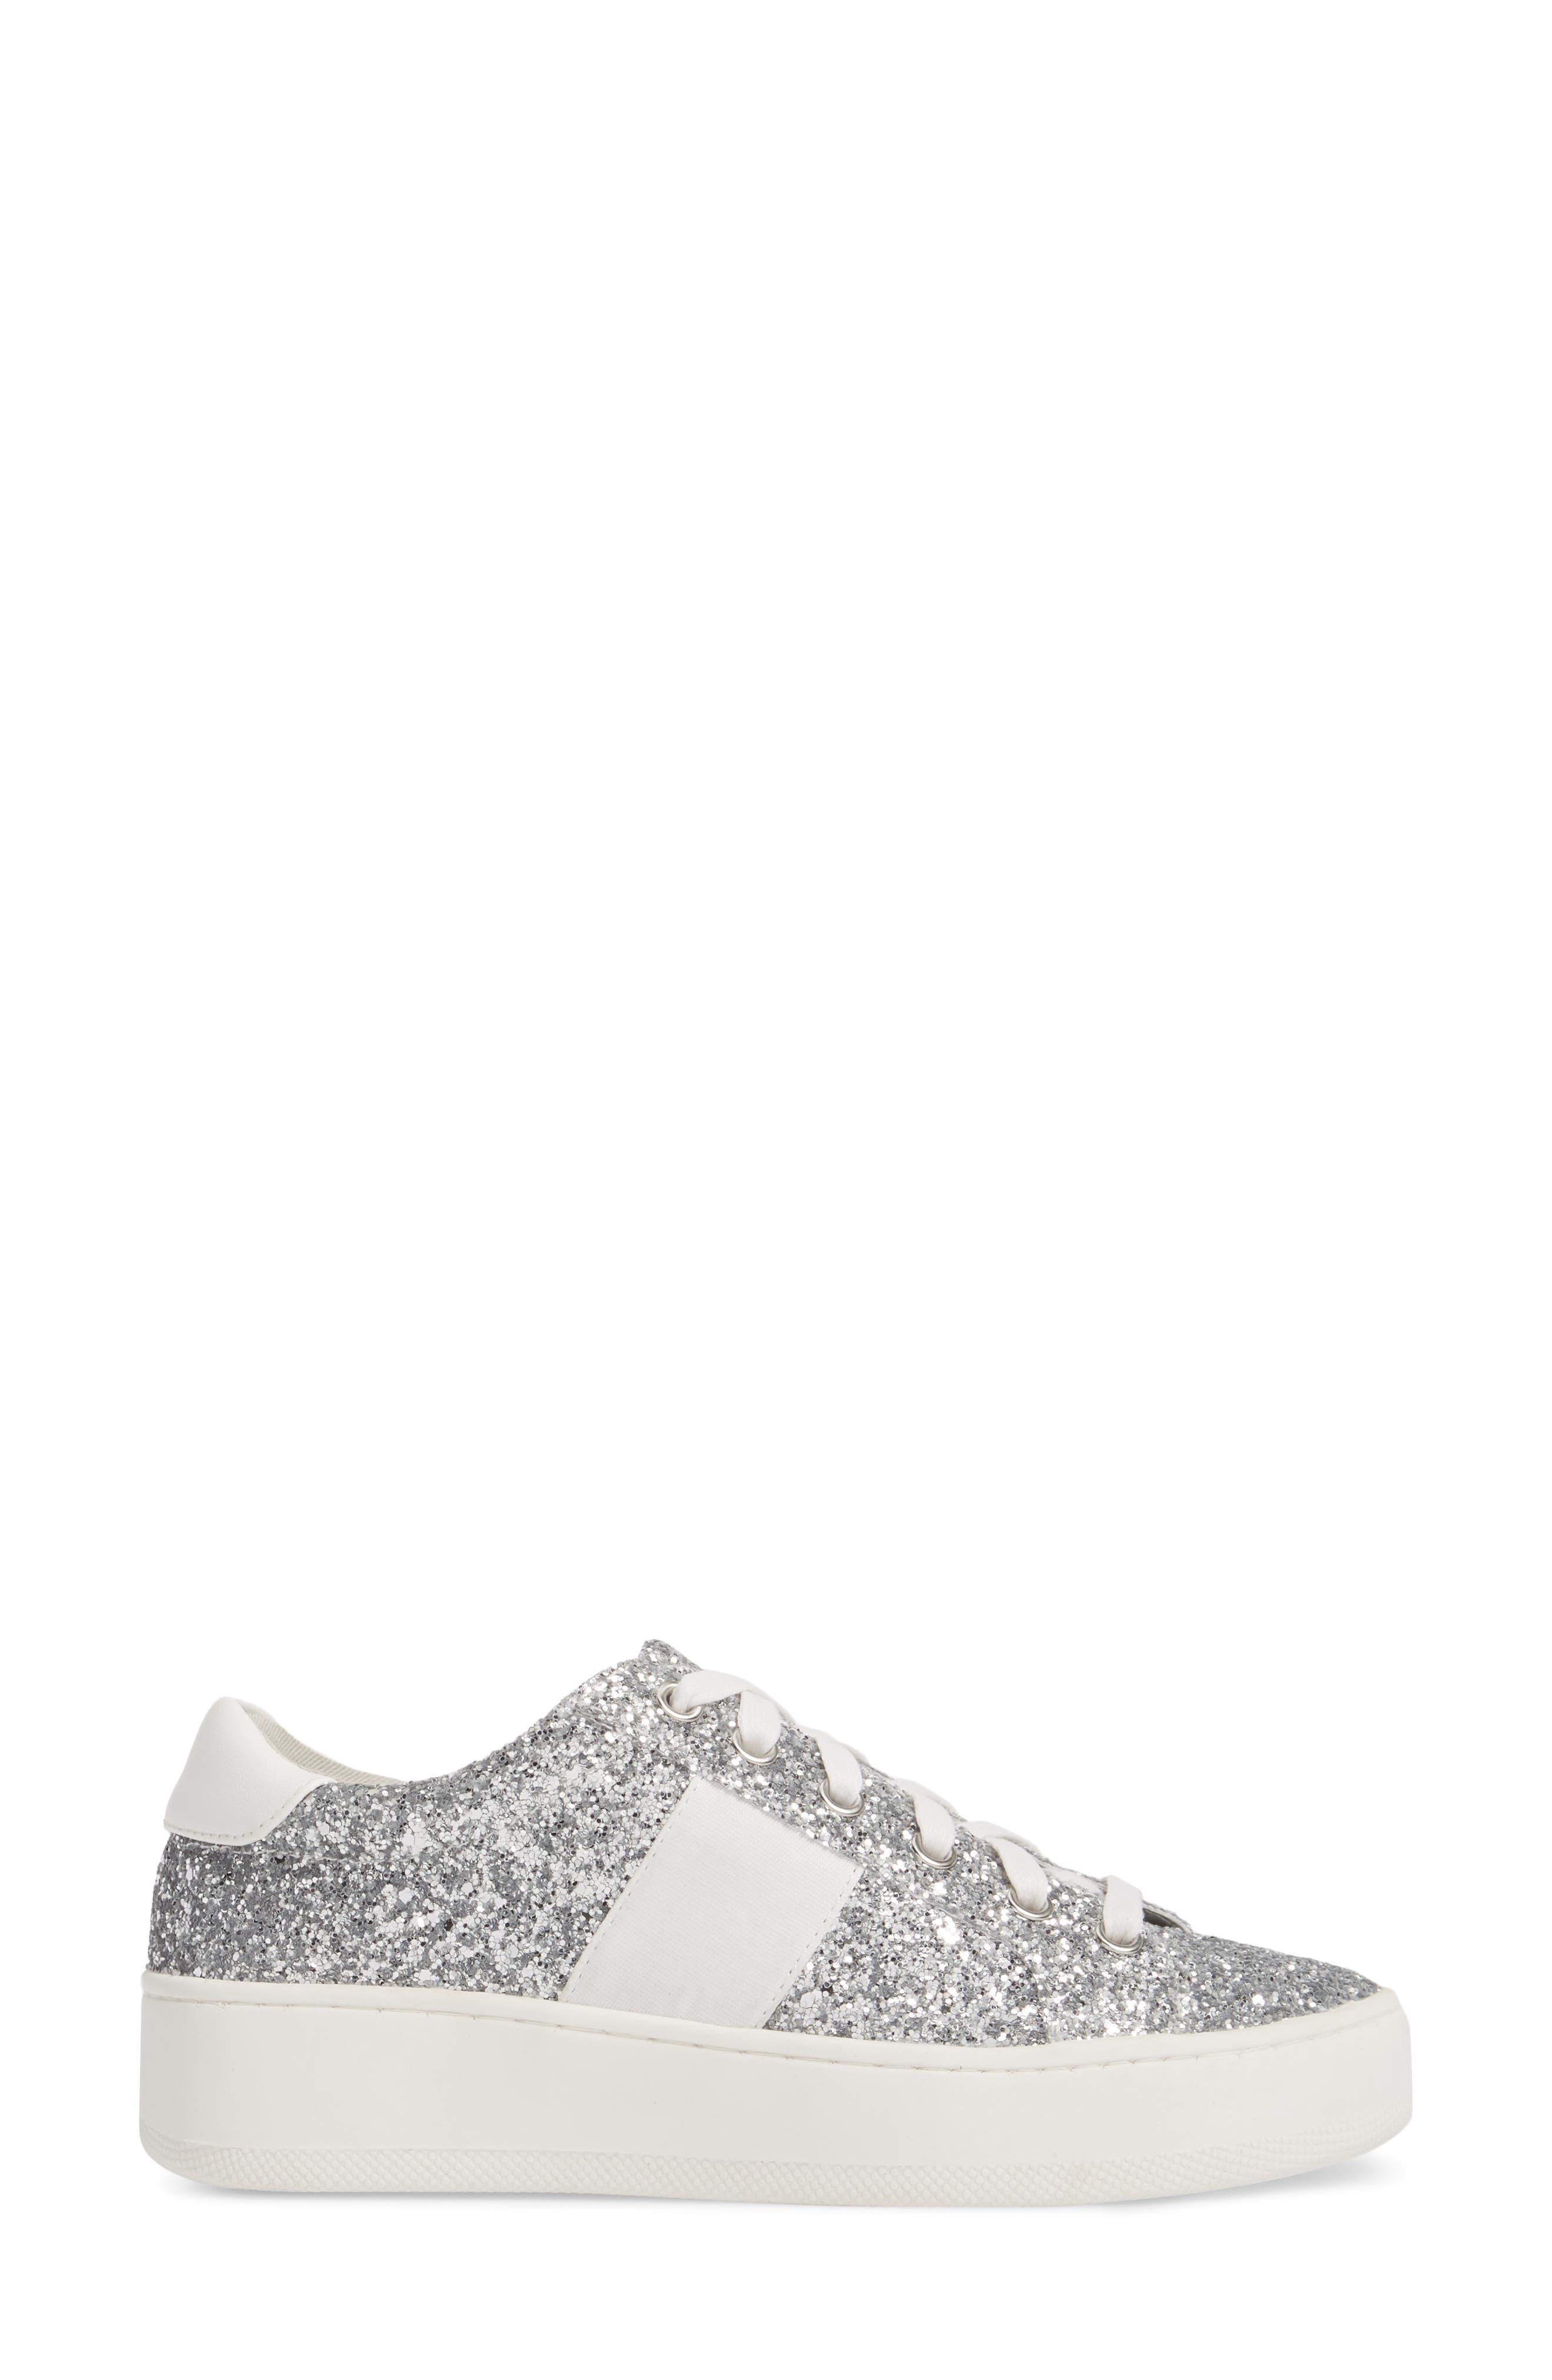 Belle-G Glitter Platform Sneaker,                             Alternate thumbnail 3, color,                             SILVER GLITTER